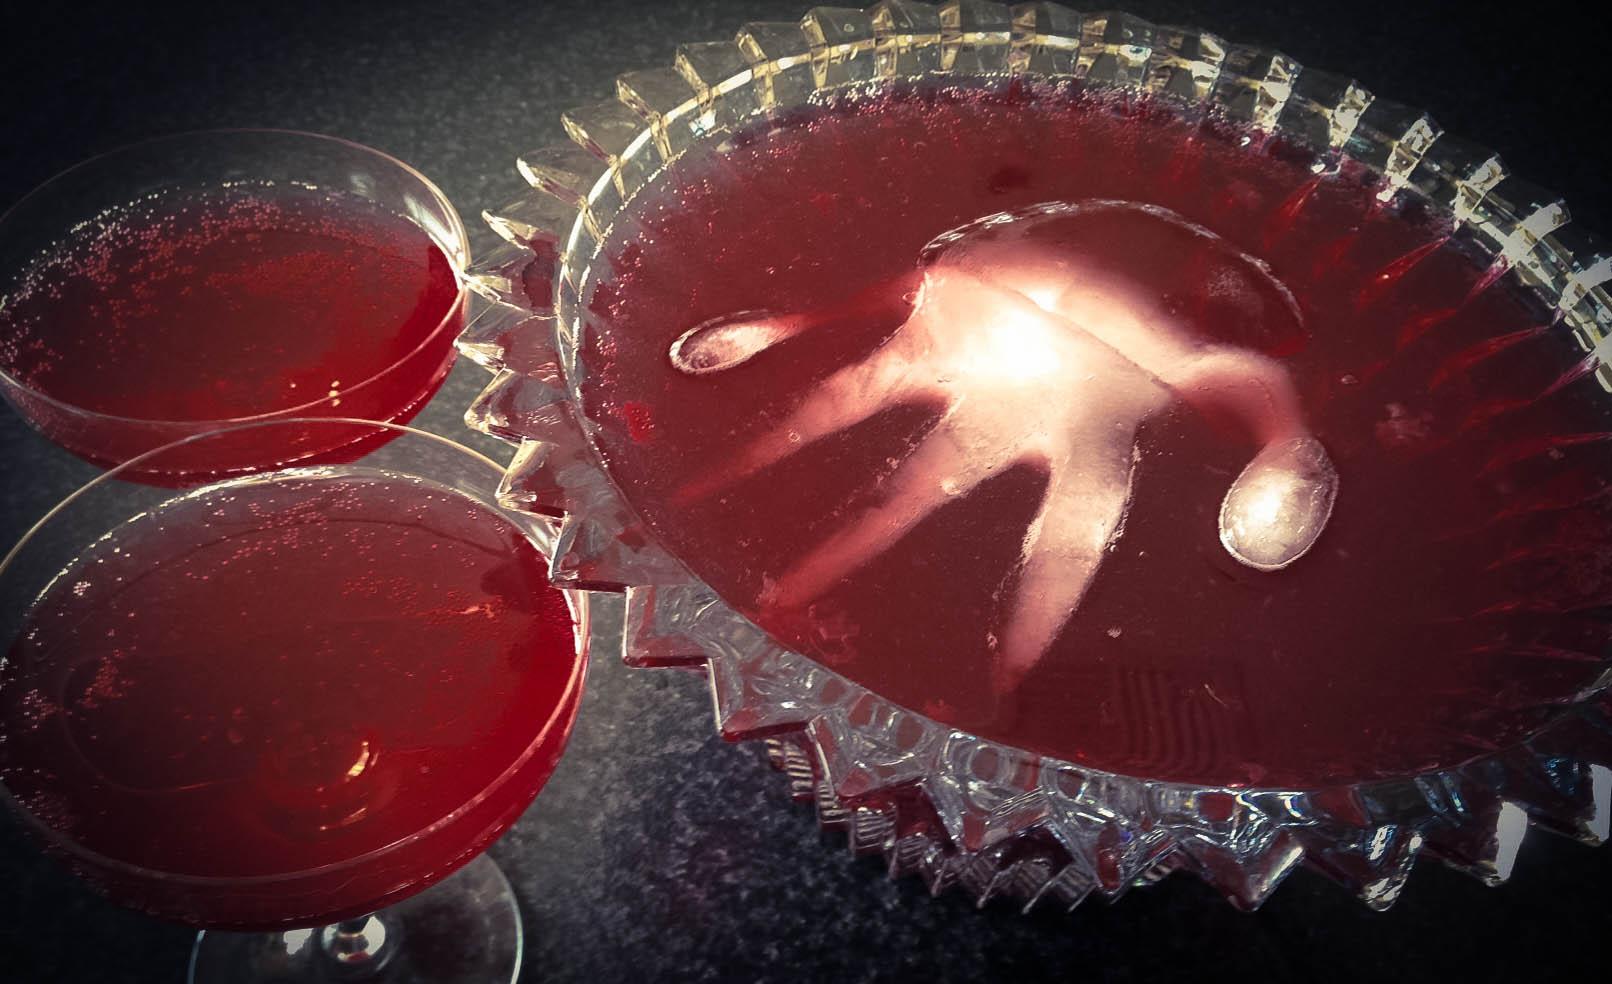 Recipe: Redrum Raspberry Punch {Halloween}